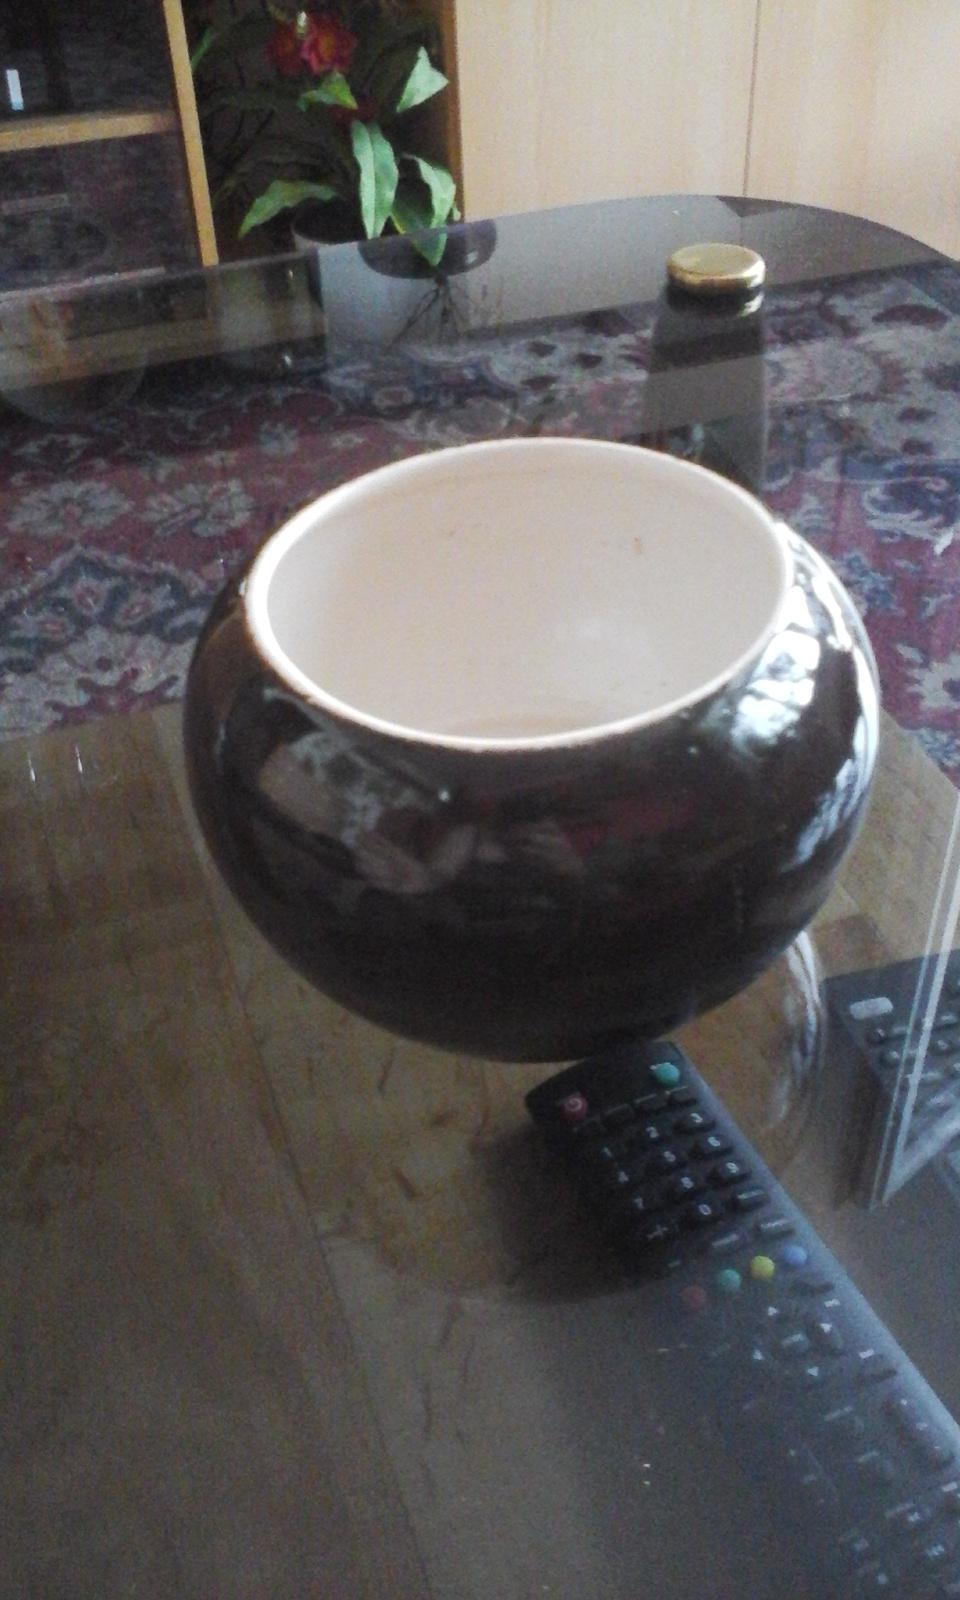 miska alebo vaza - Obrázok č. 1